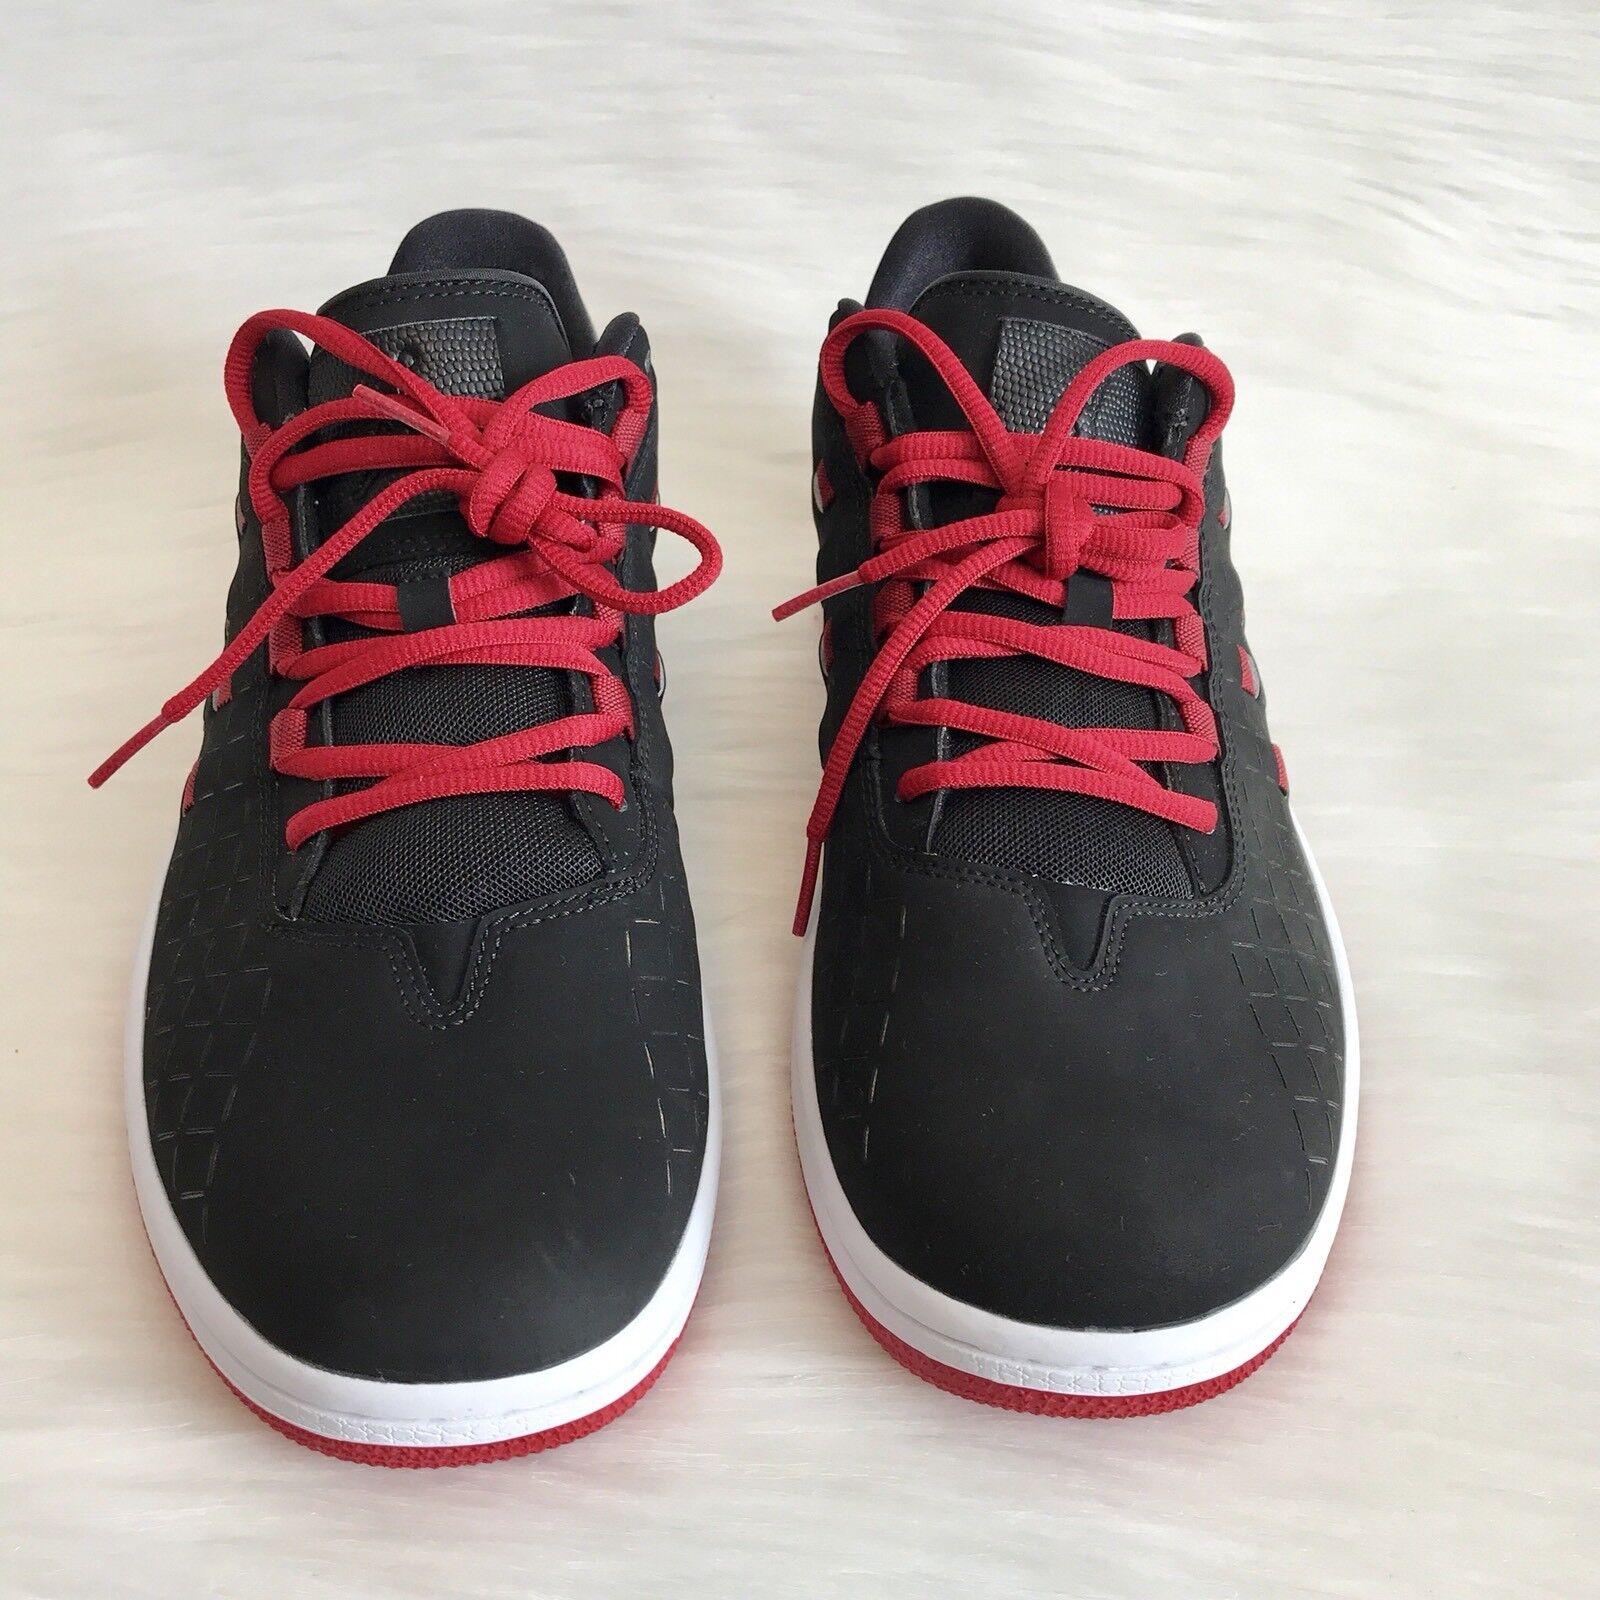 air jordan illusion faible     baskets noirs roux 705146 001 taille 11 328800